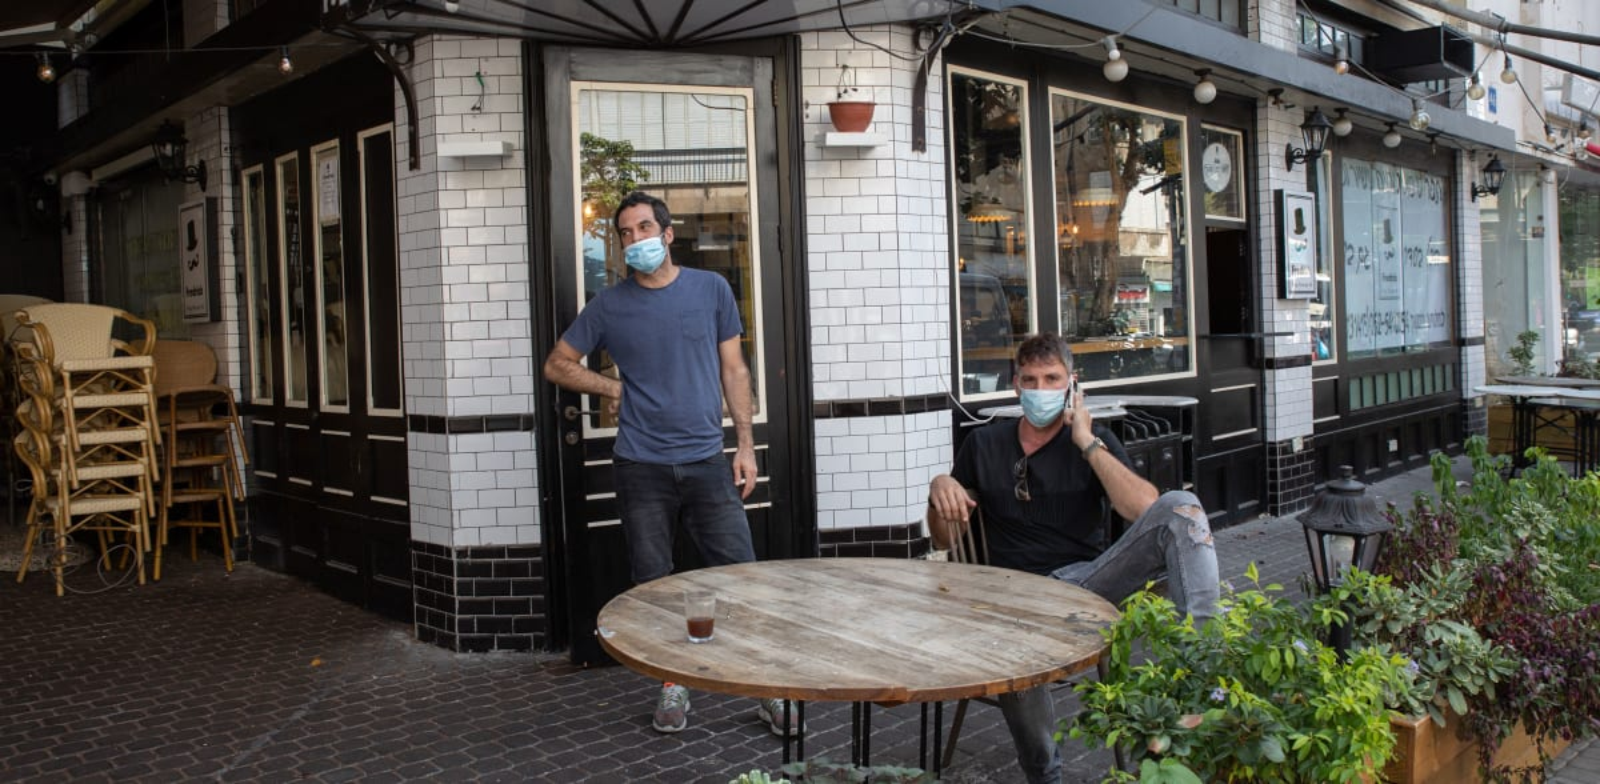 בעלי עסקים יושבים מחוץ לעסקיהם הסגורים. המשק רחוק מחזרה לשגרה / צילום: כדיה לוי